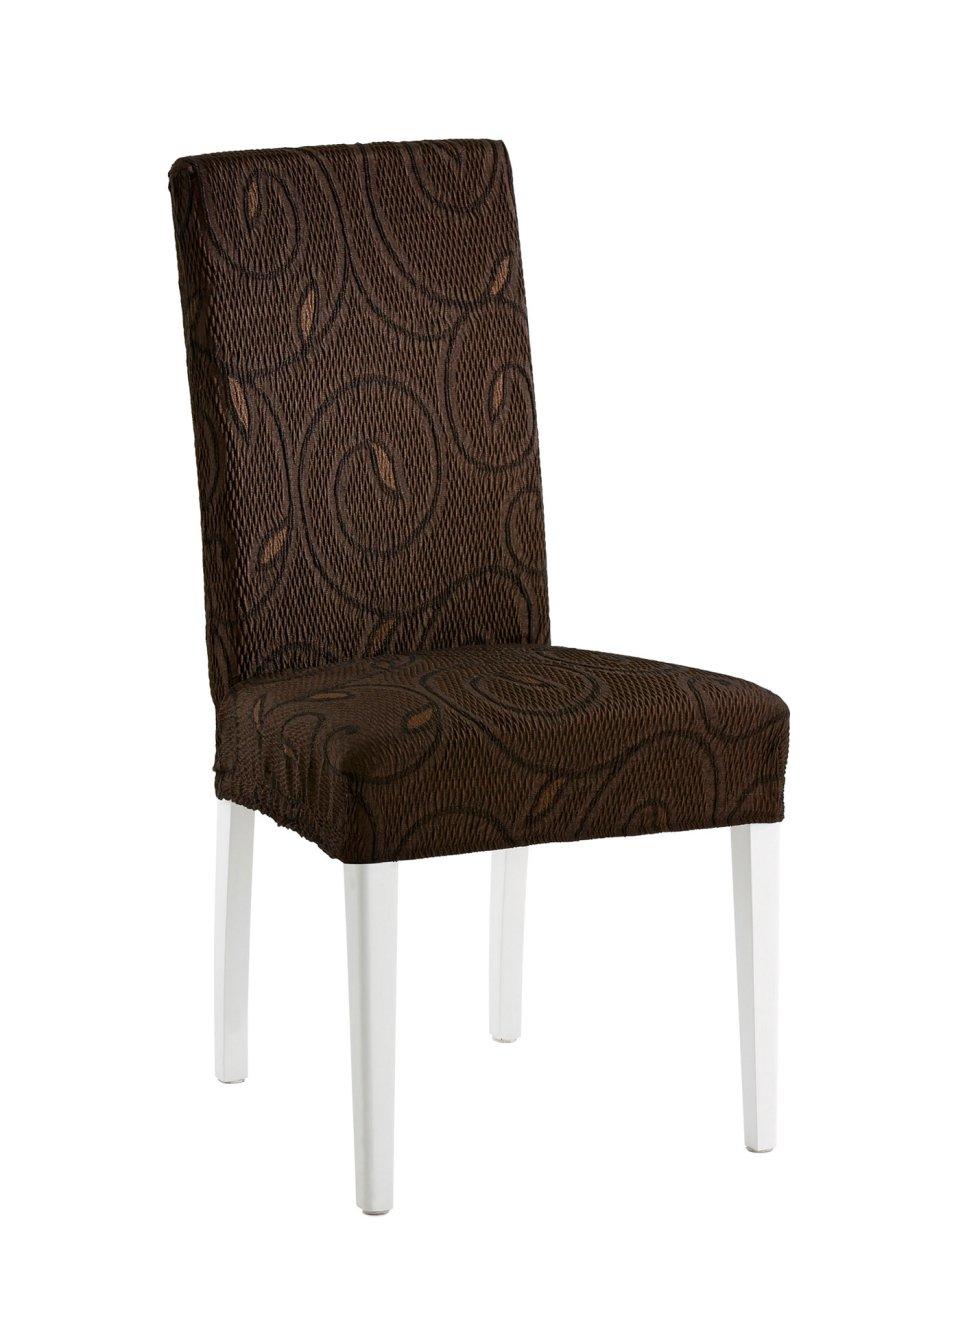 Housse de chaise milan marron bpc living - Housse de chaise marron ...